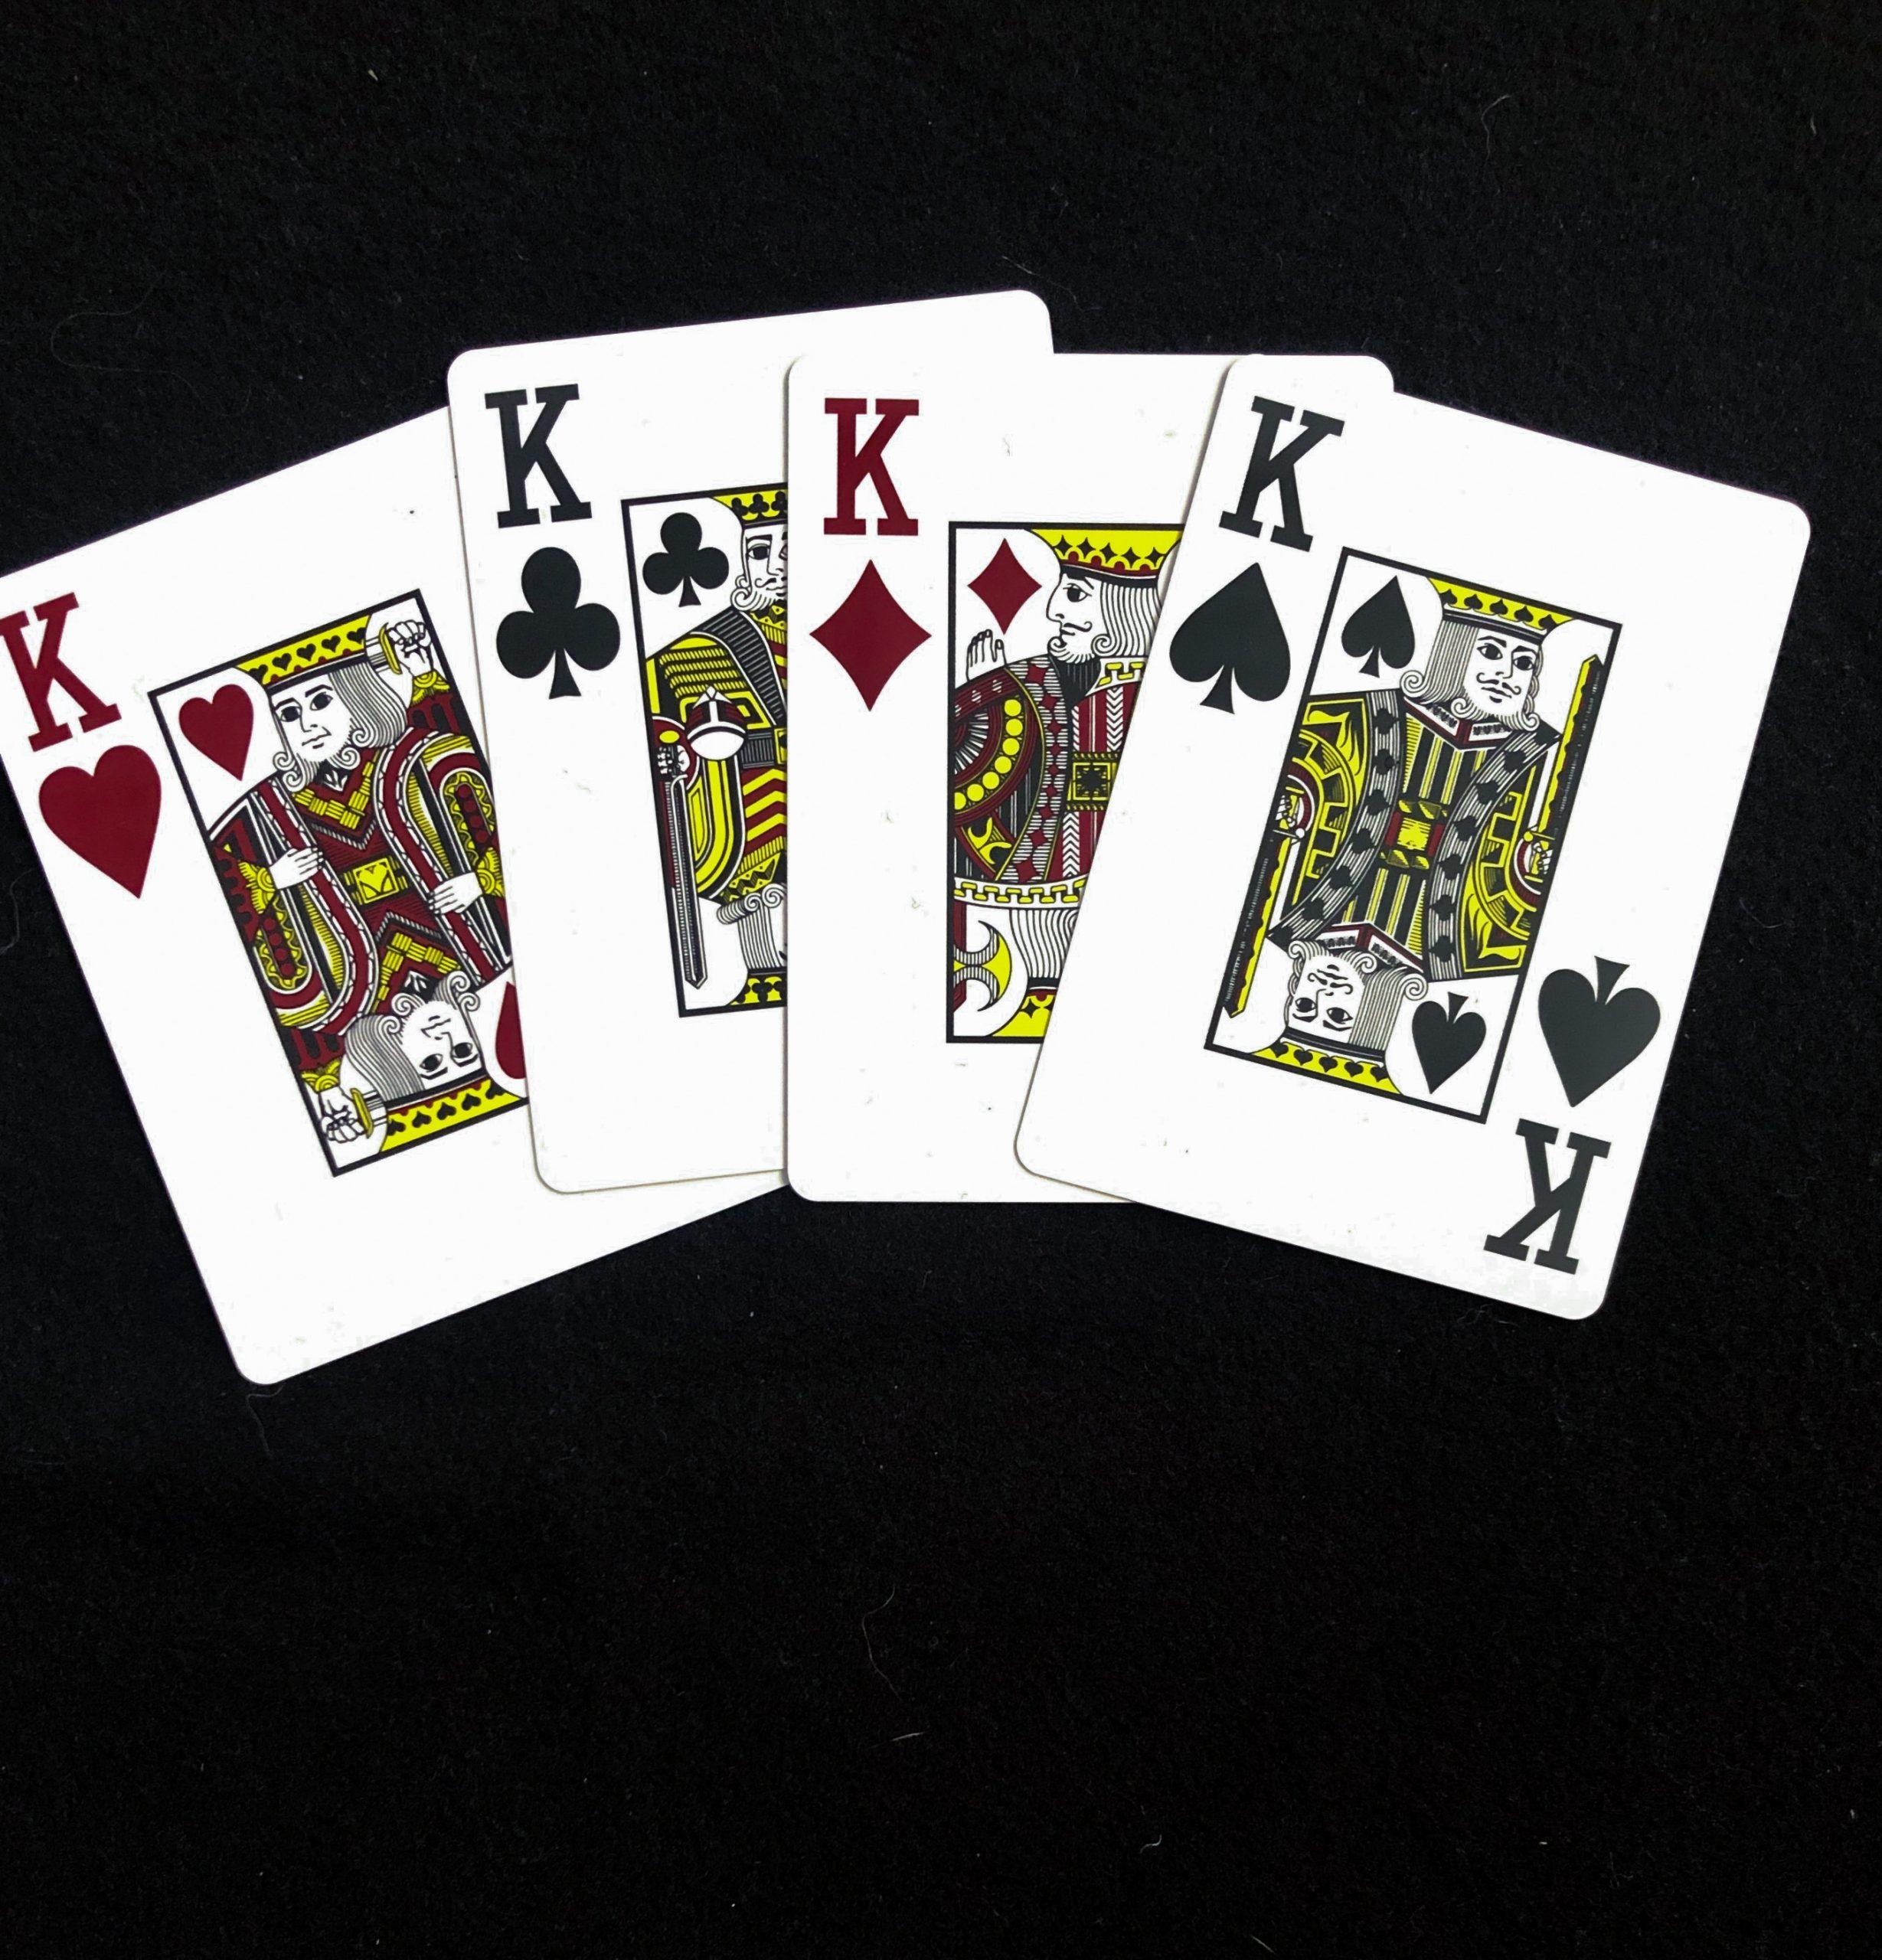 Гадание на 4 королей обычными игральными картами в домашних условиях, значение